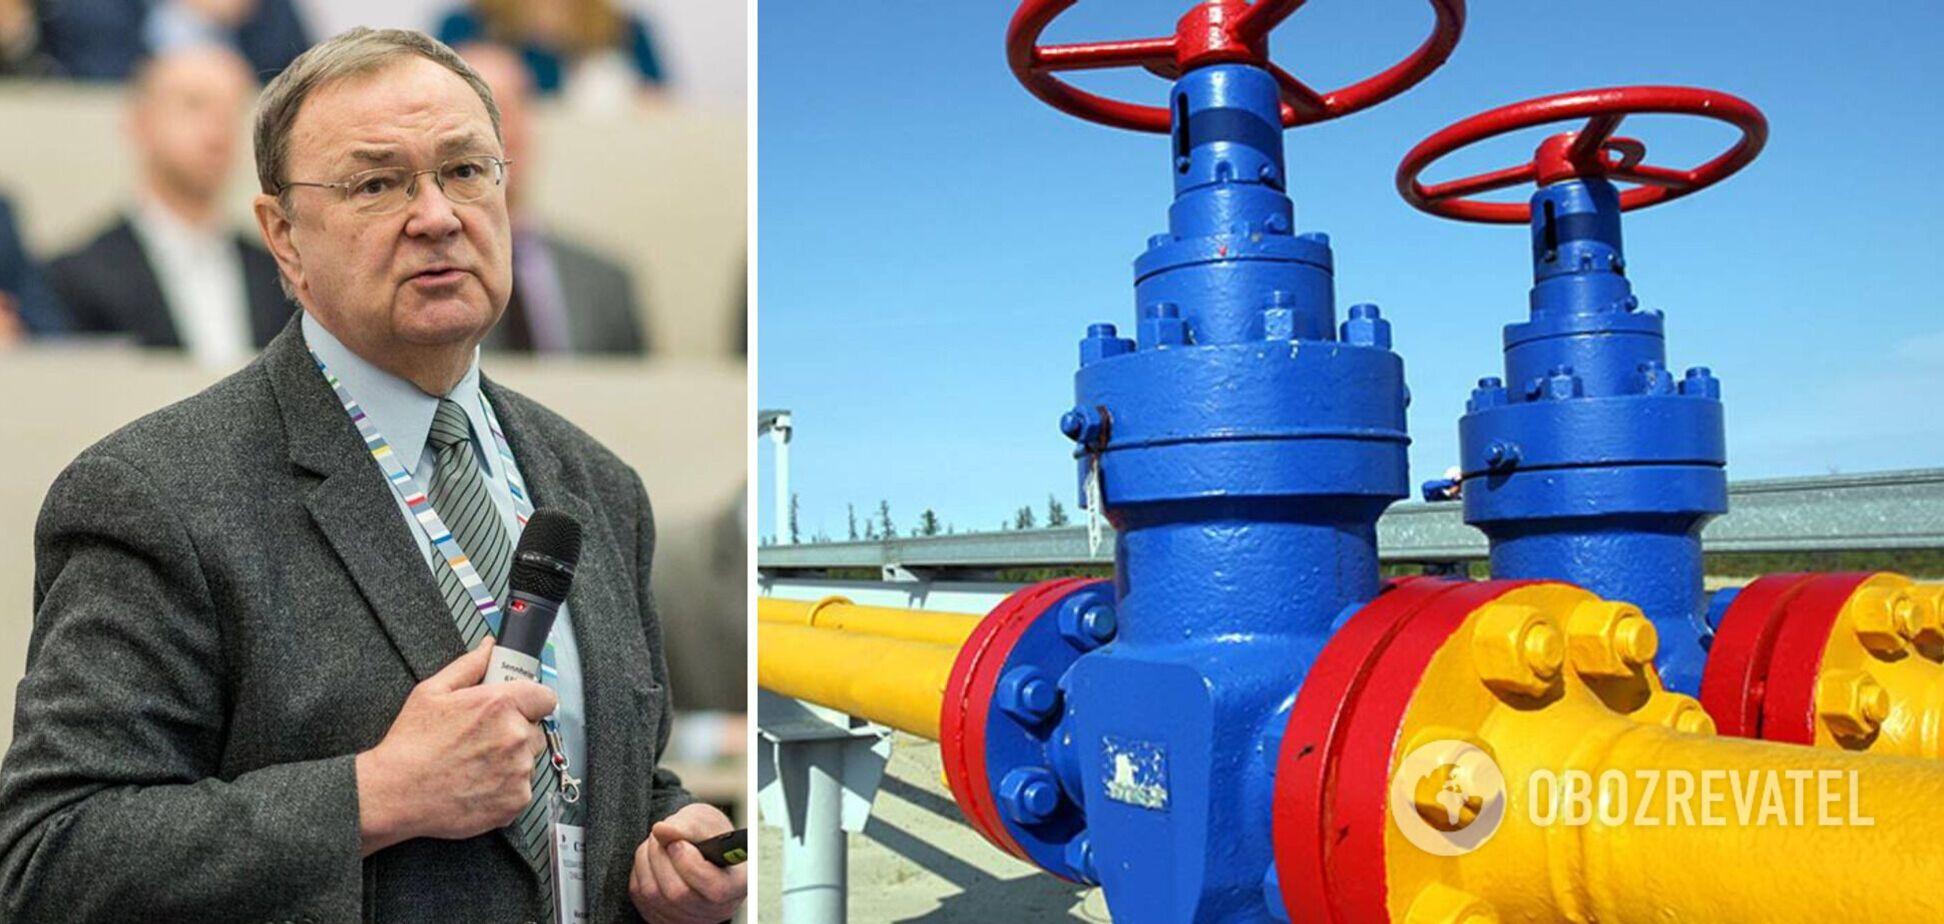 Після запуску СП2 'Газпром' піде до кінцевої мети щодо України, – Крутіхін